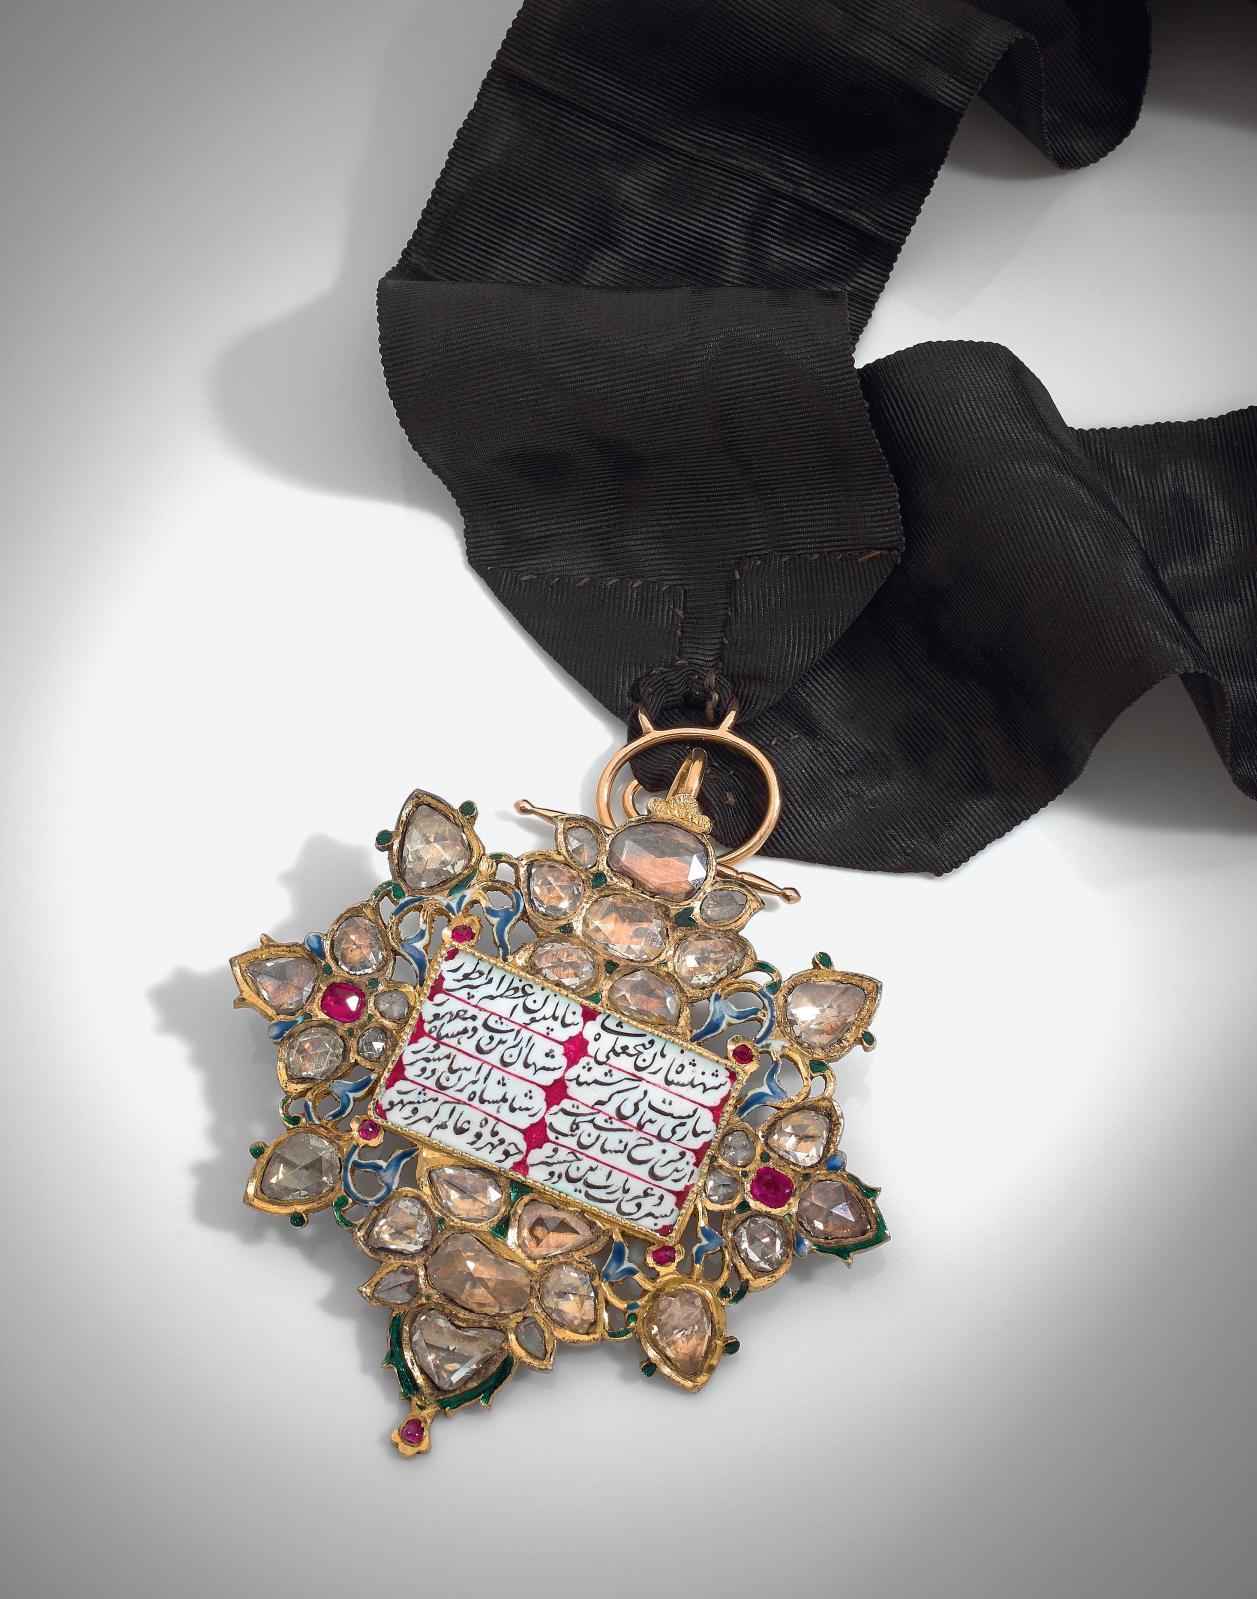 Fastueuse, avec sa monture d'or ajourée, soulignée d'émaux et sertie de diamants et de rubis, cette décoration Neshân e-Mehr du grand ordre du Soleil